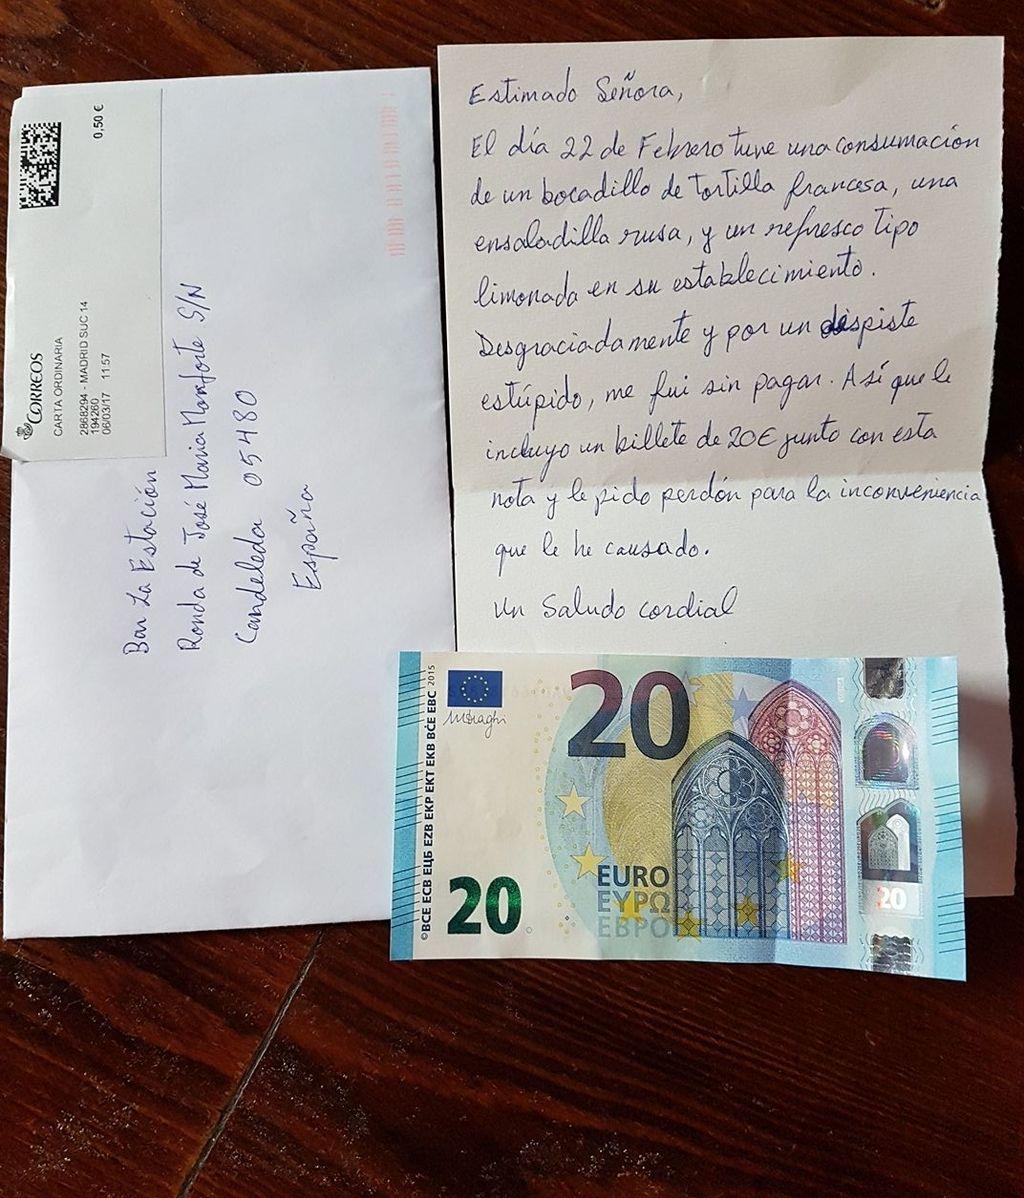 """Hace un """"sinpa"""" en un bar y envía una carta de disculpa con 20 euros"""